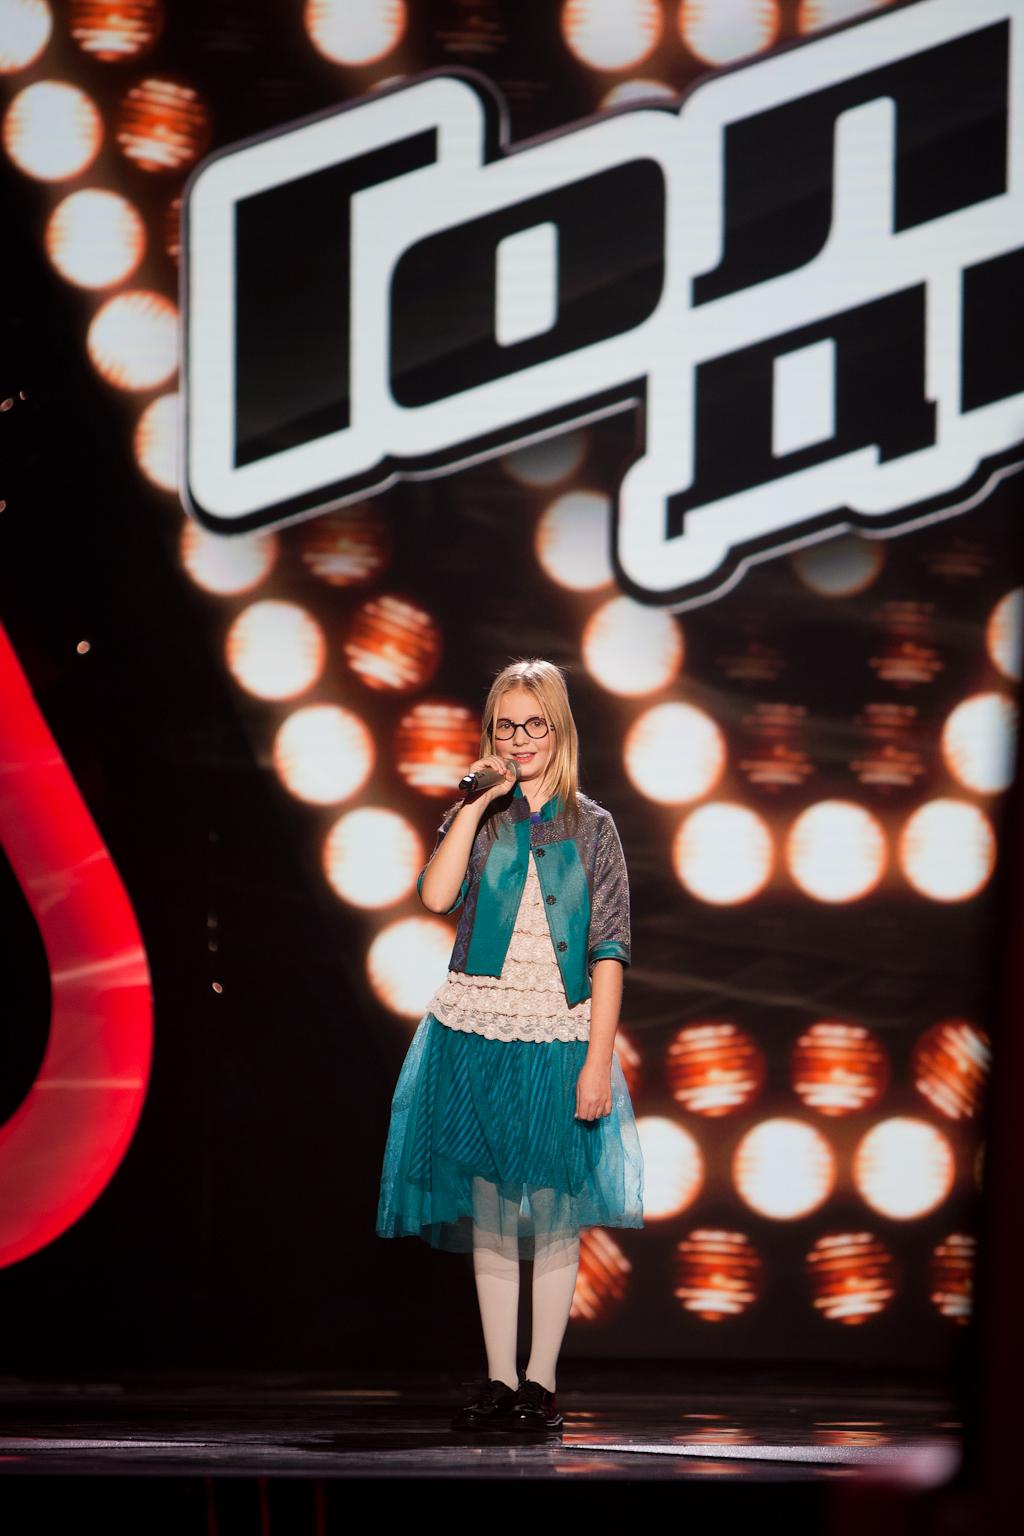 Поющая софия яценюк стала звездой youtube